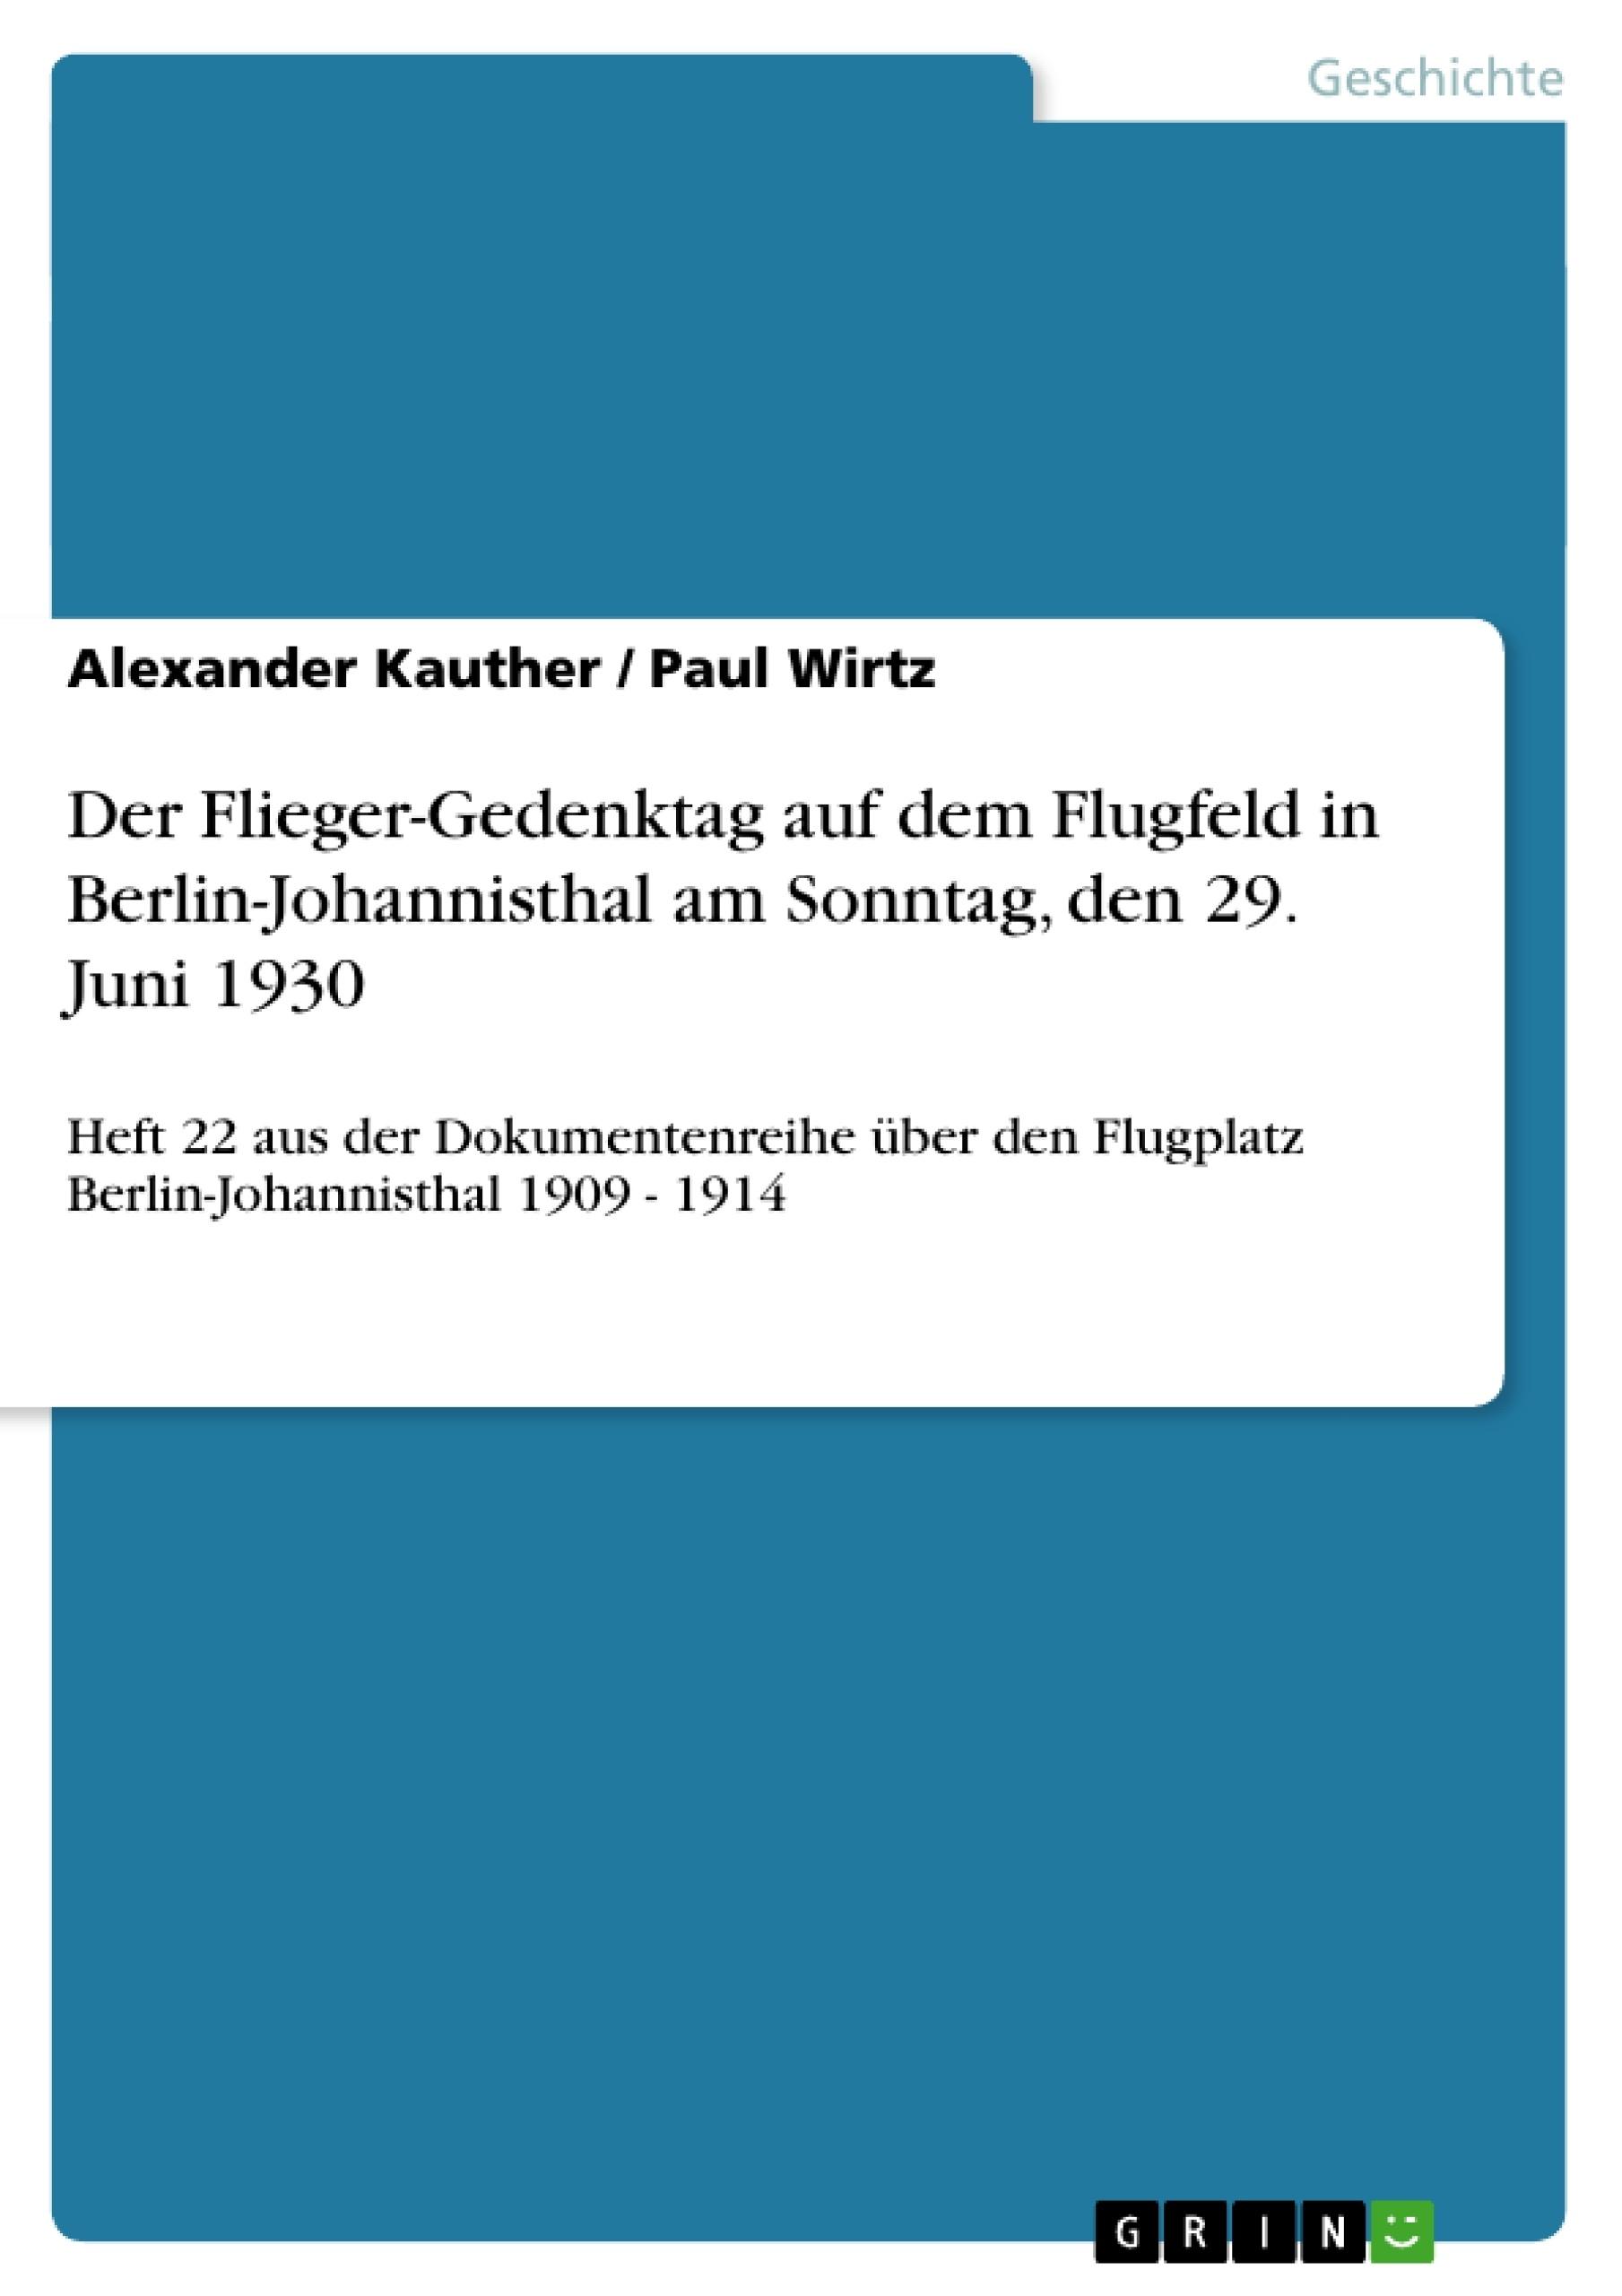 Titel: Der Flieger-Gedenktag auf dem Flugfeld in Berlin-Johannisthal am Sonntag, den 29. Juni 1930